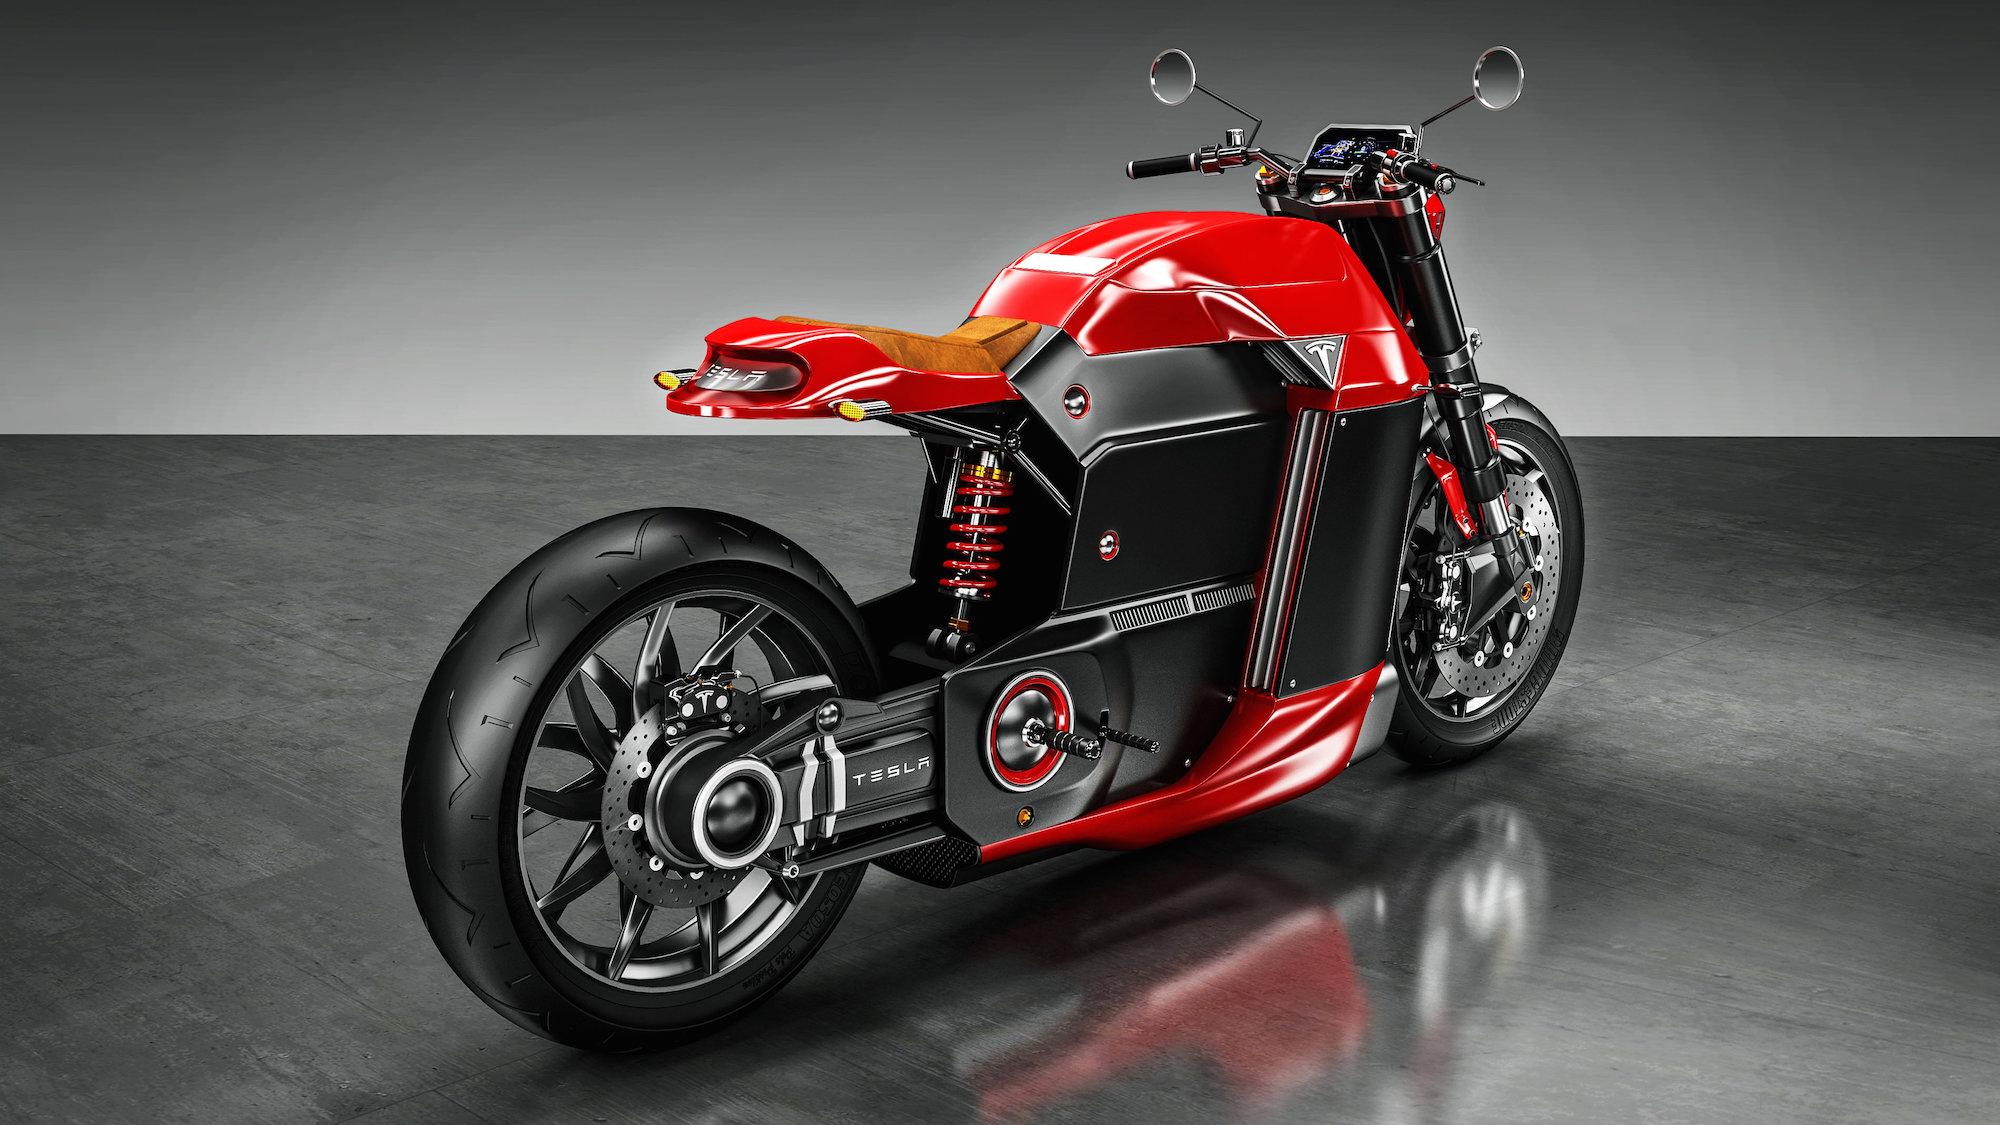 Tesla Motorcycle Concept - Tesla Model M 2